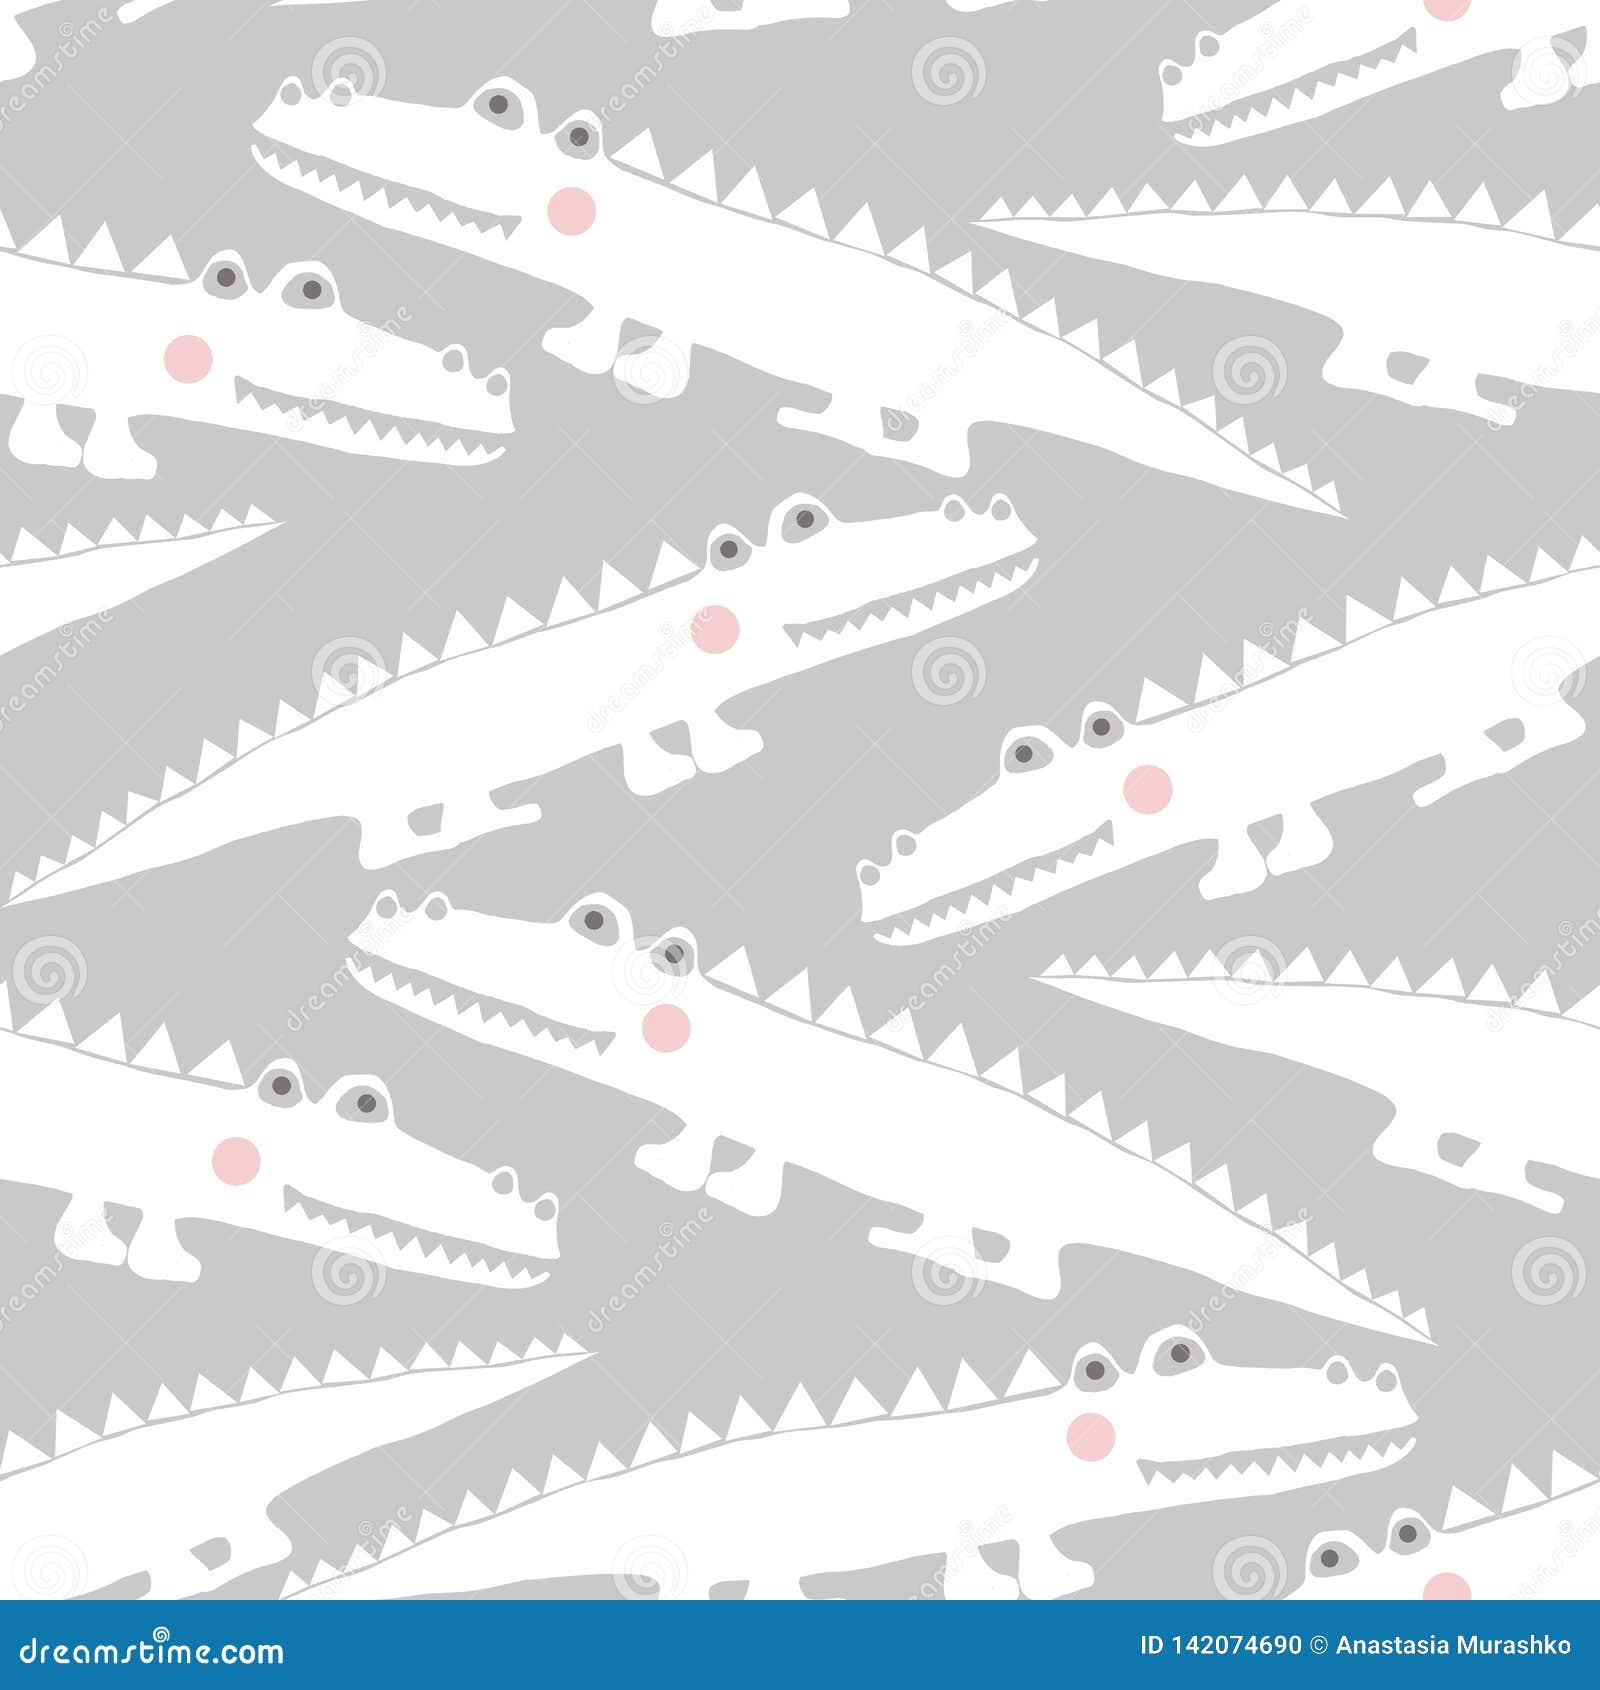 Naadloos patroon met krokodillen